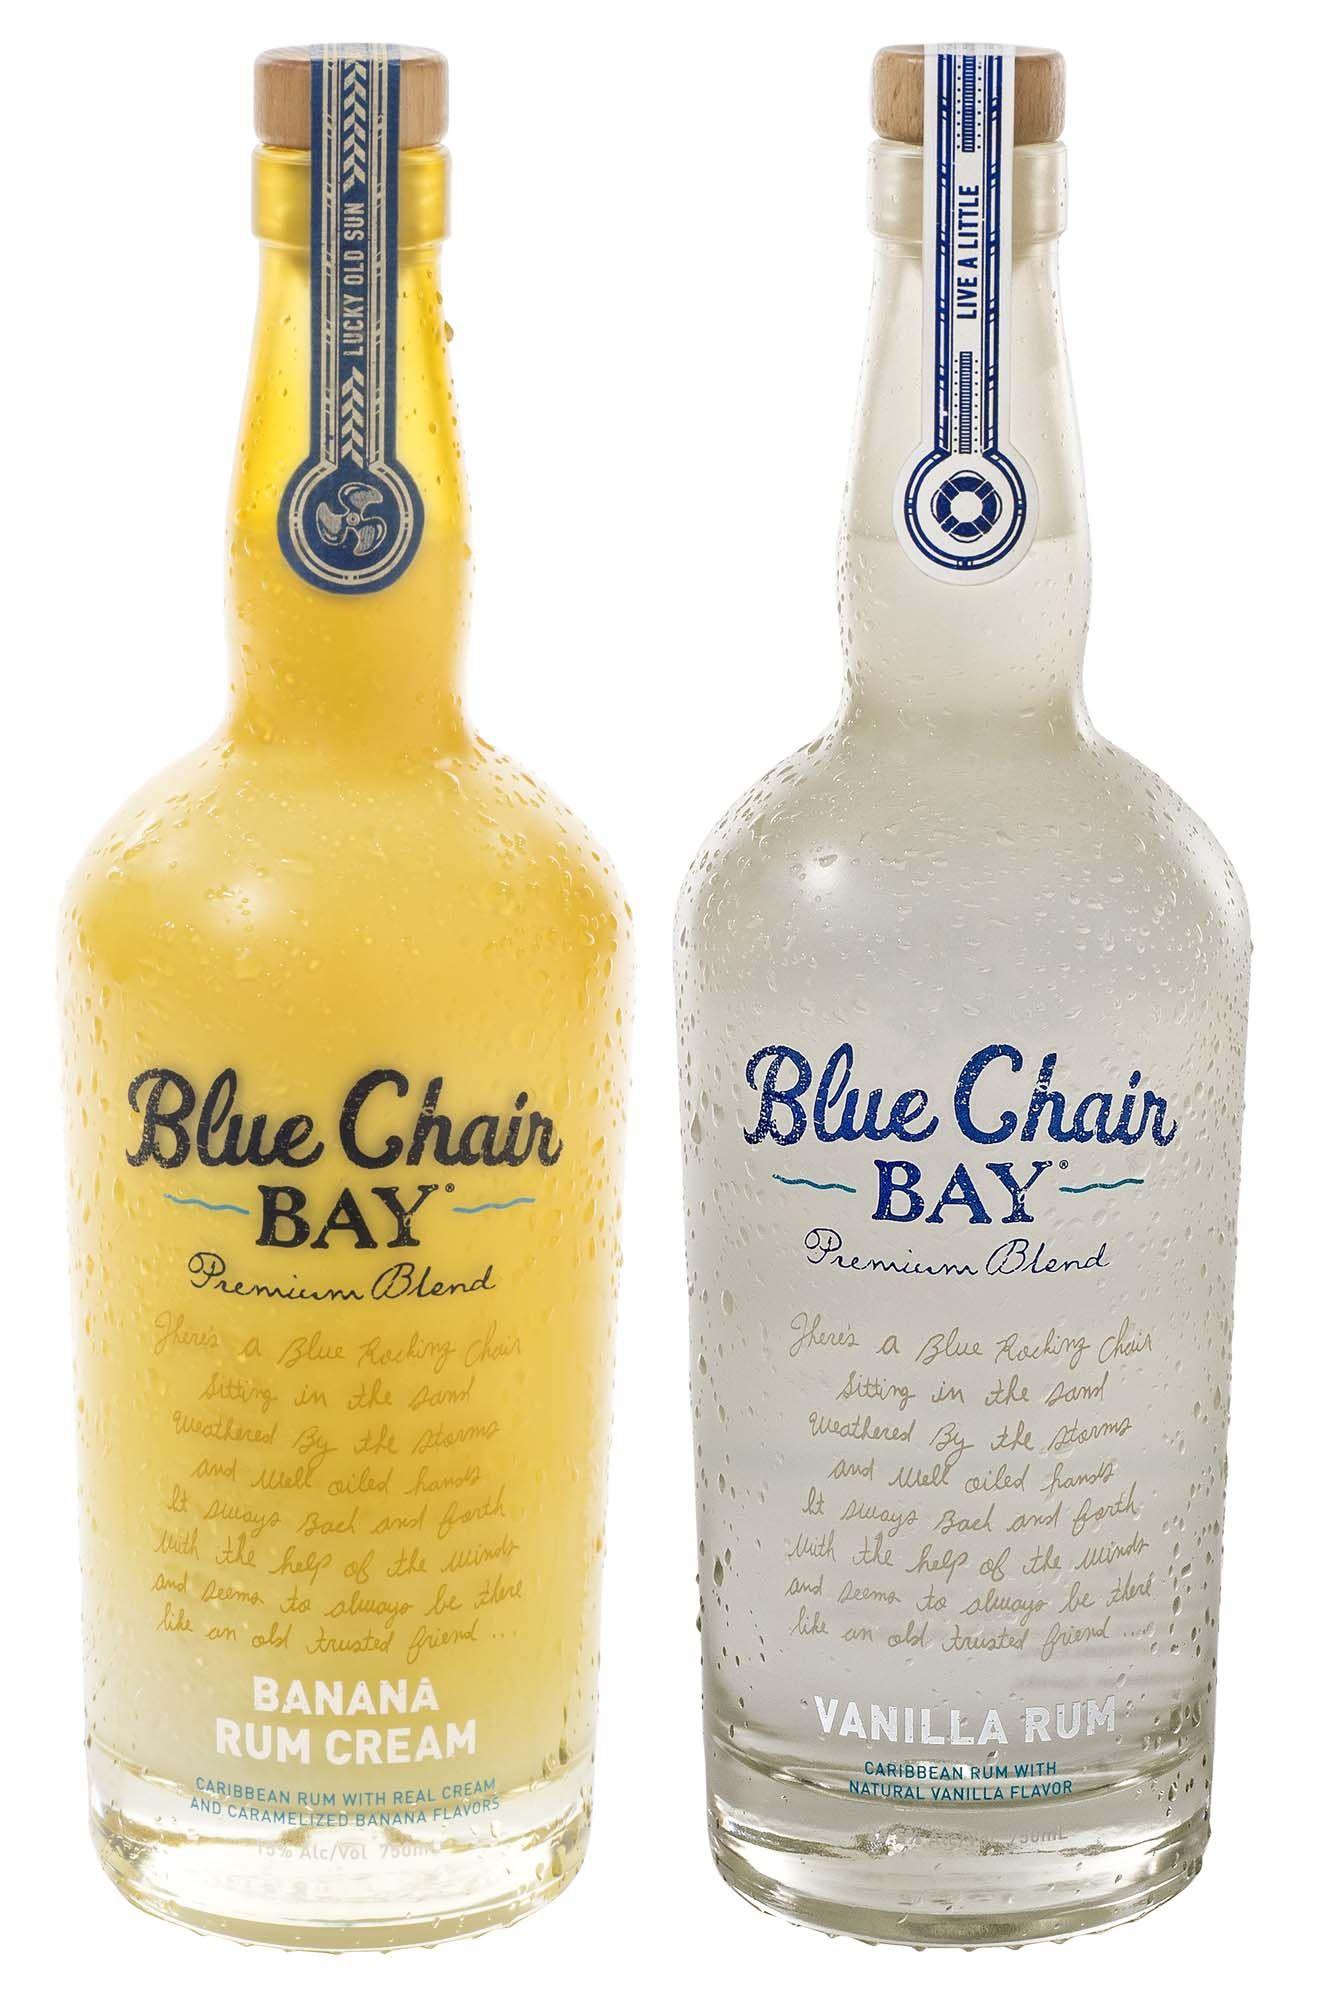 Blue chair bay rum launches vanilla rum and banana rum